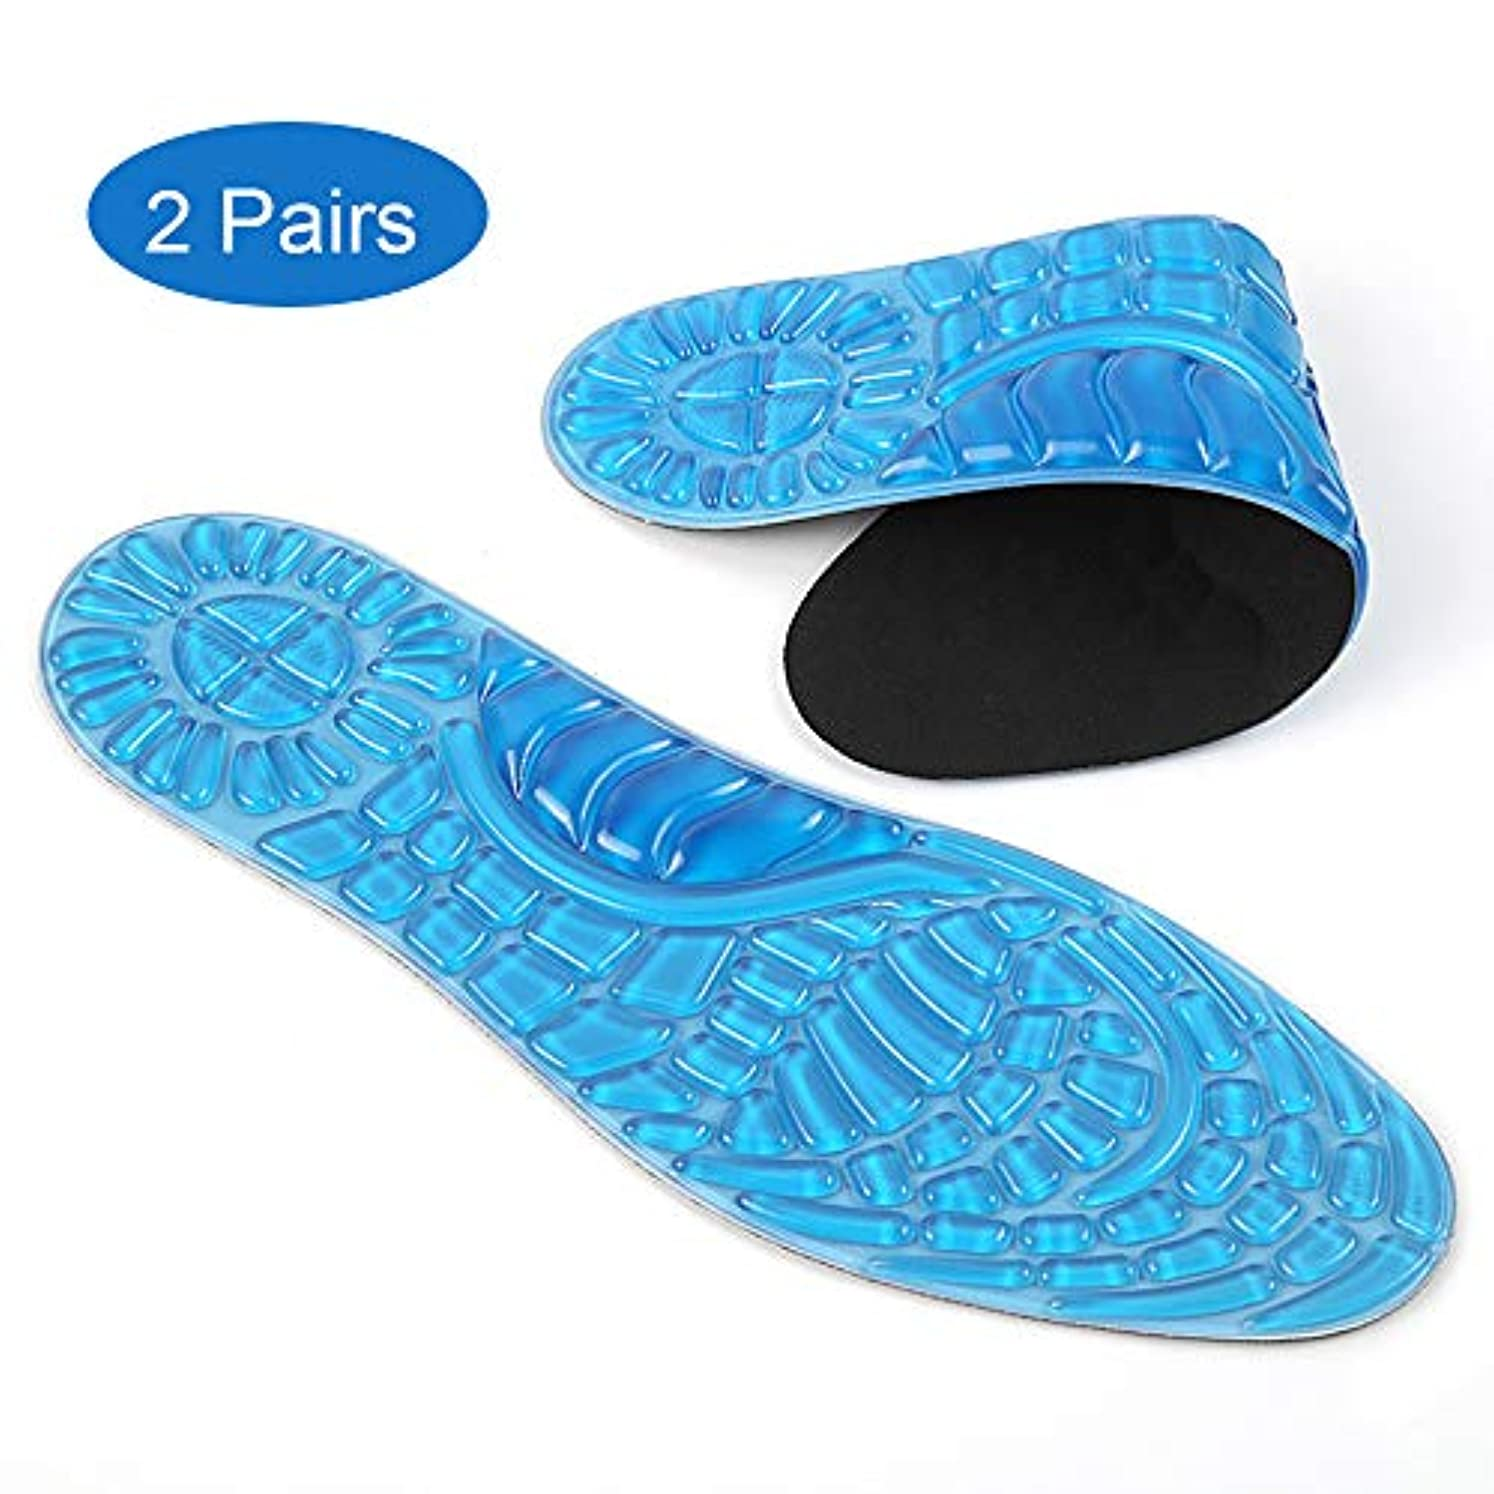 カニ終了する知的スポーツ装具インソール2足、フットマッサージインソールは汗を吸収します柔らかく通気性があり、フィットネス、ランニング、テニスに適した足底圧を緩和します,S